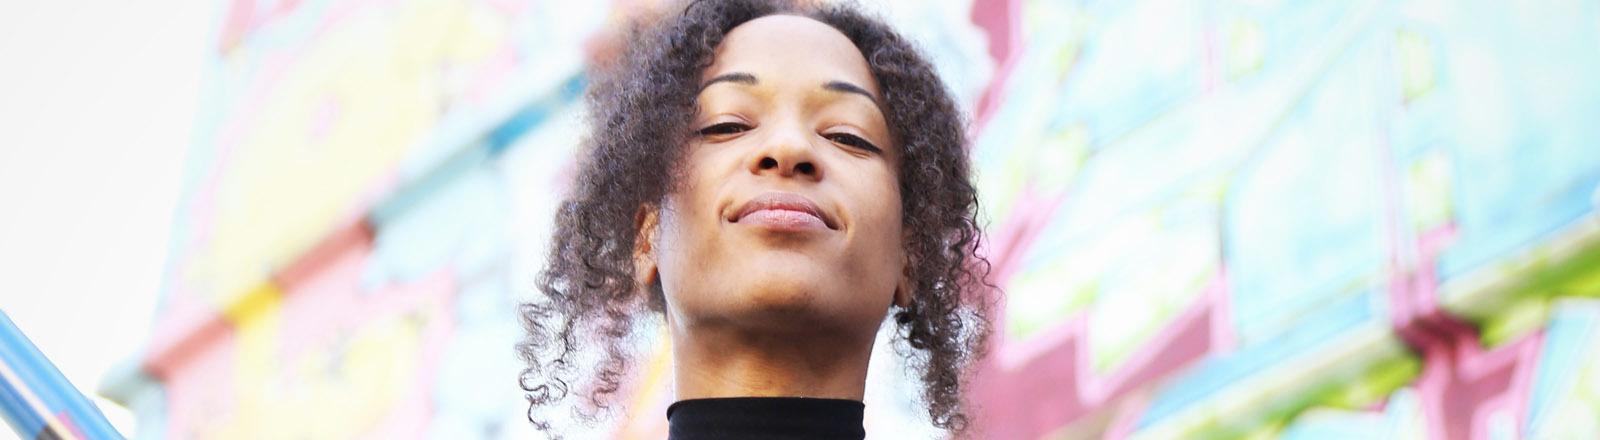 Ein junge Frau hält den Kopf oben und lächelt